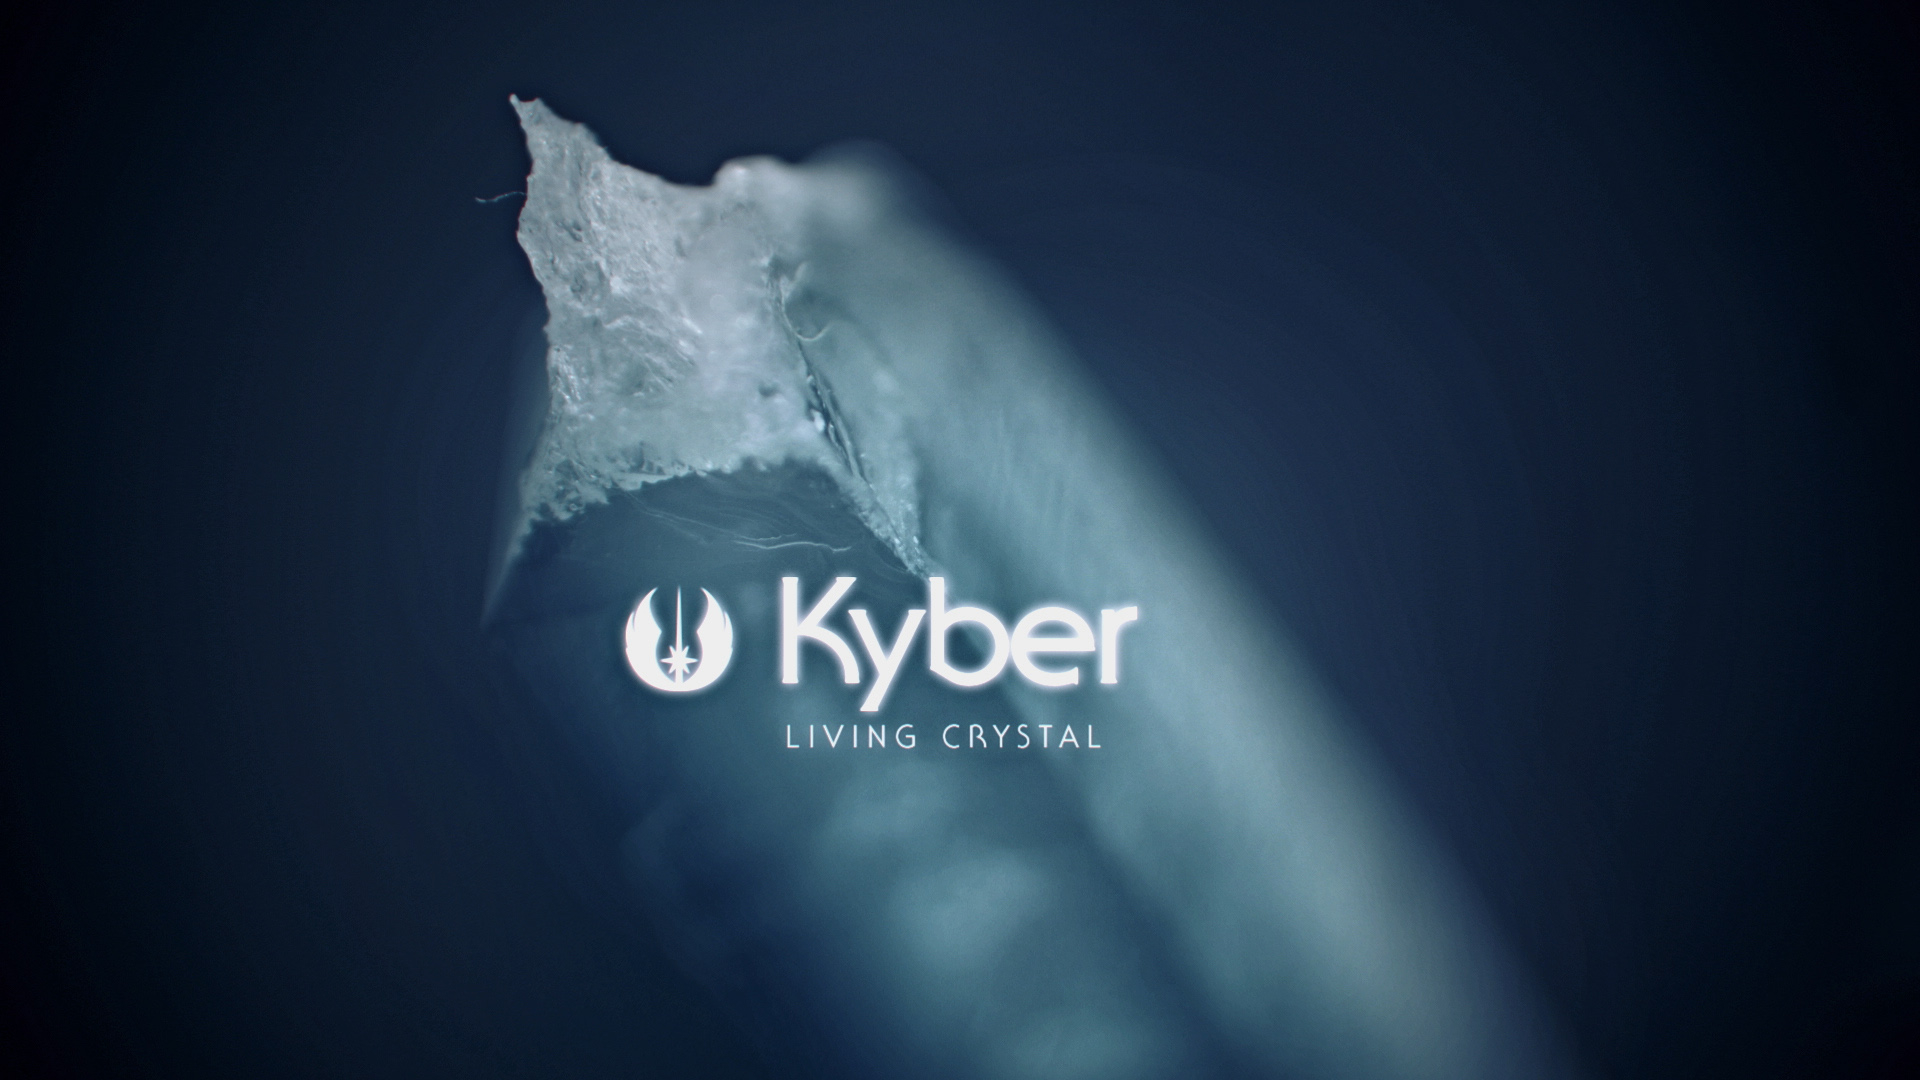 KYBER_final_Prod-Stills-3.jpg